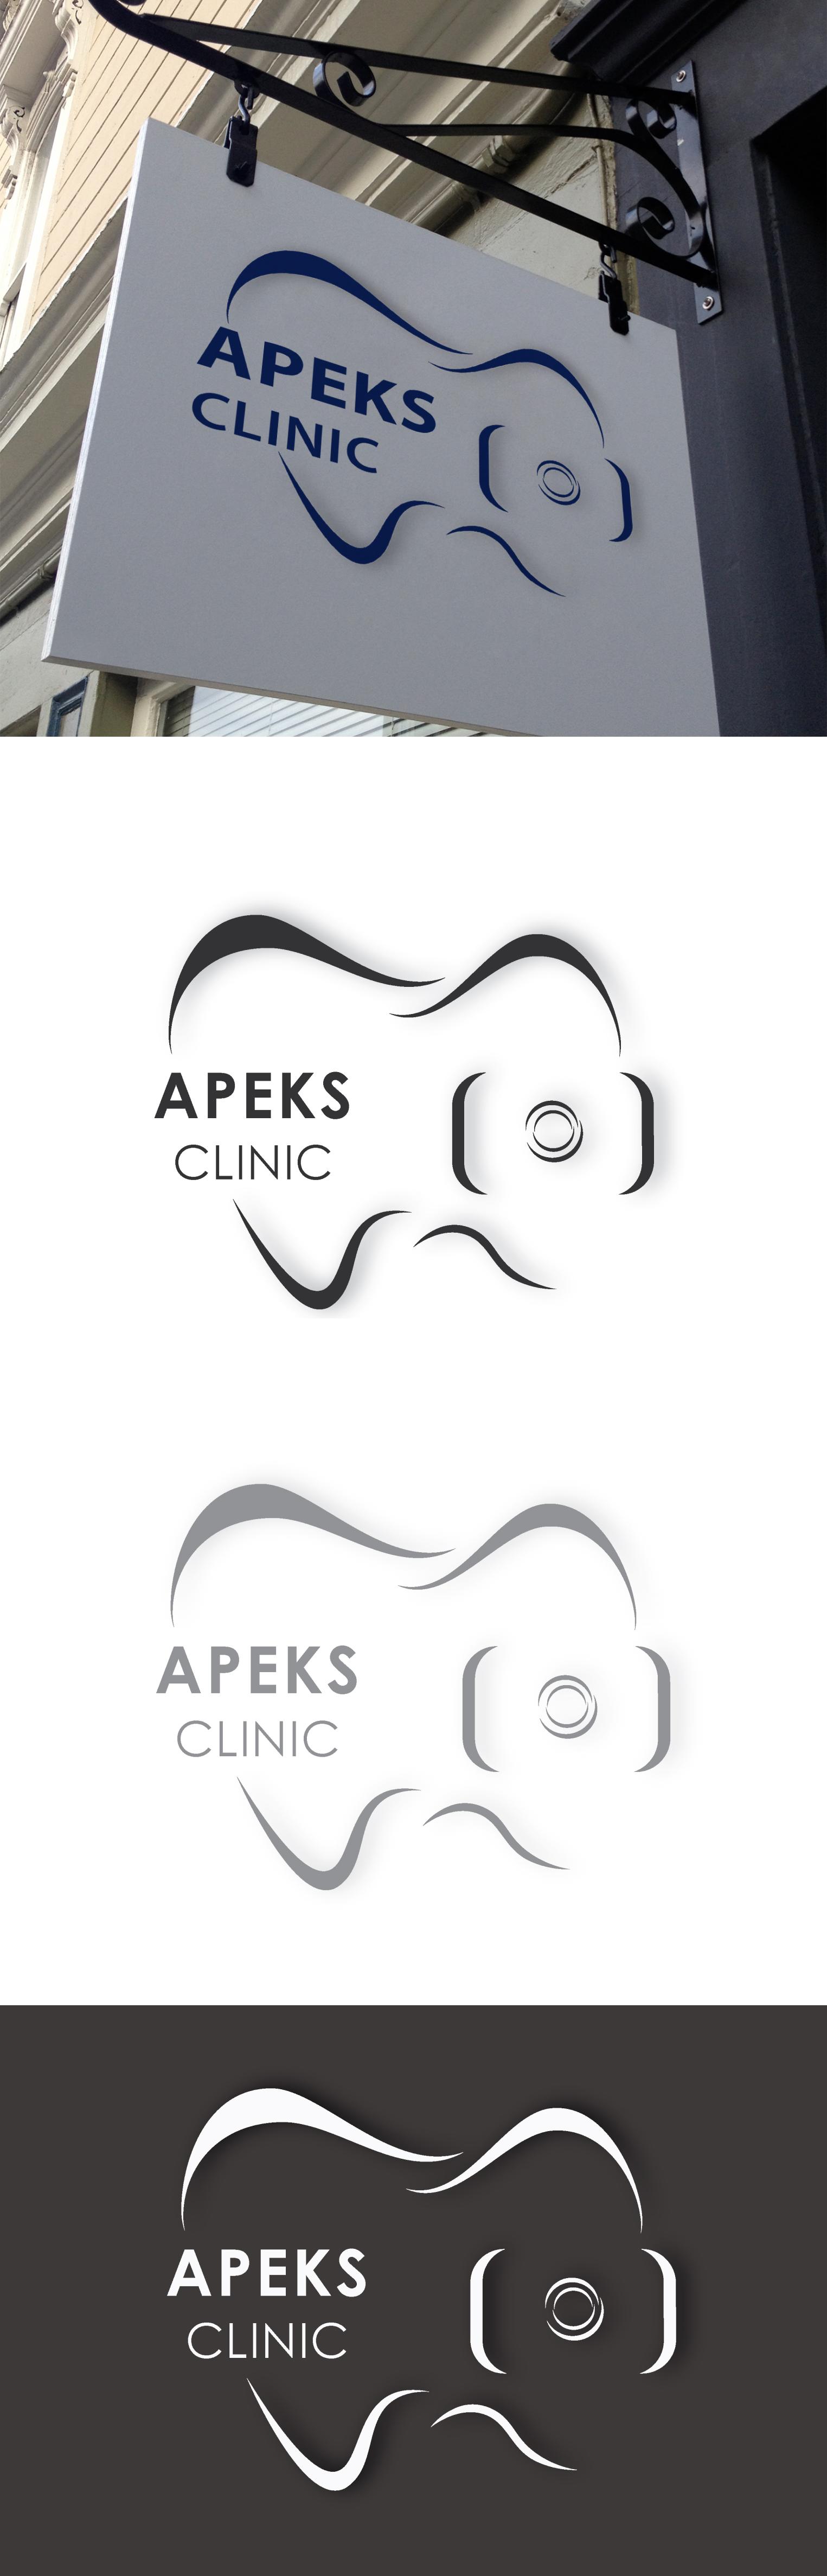 Логотип для стоматологии фото f_7615c865ece6a082.jpg